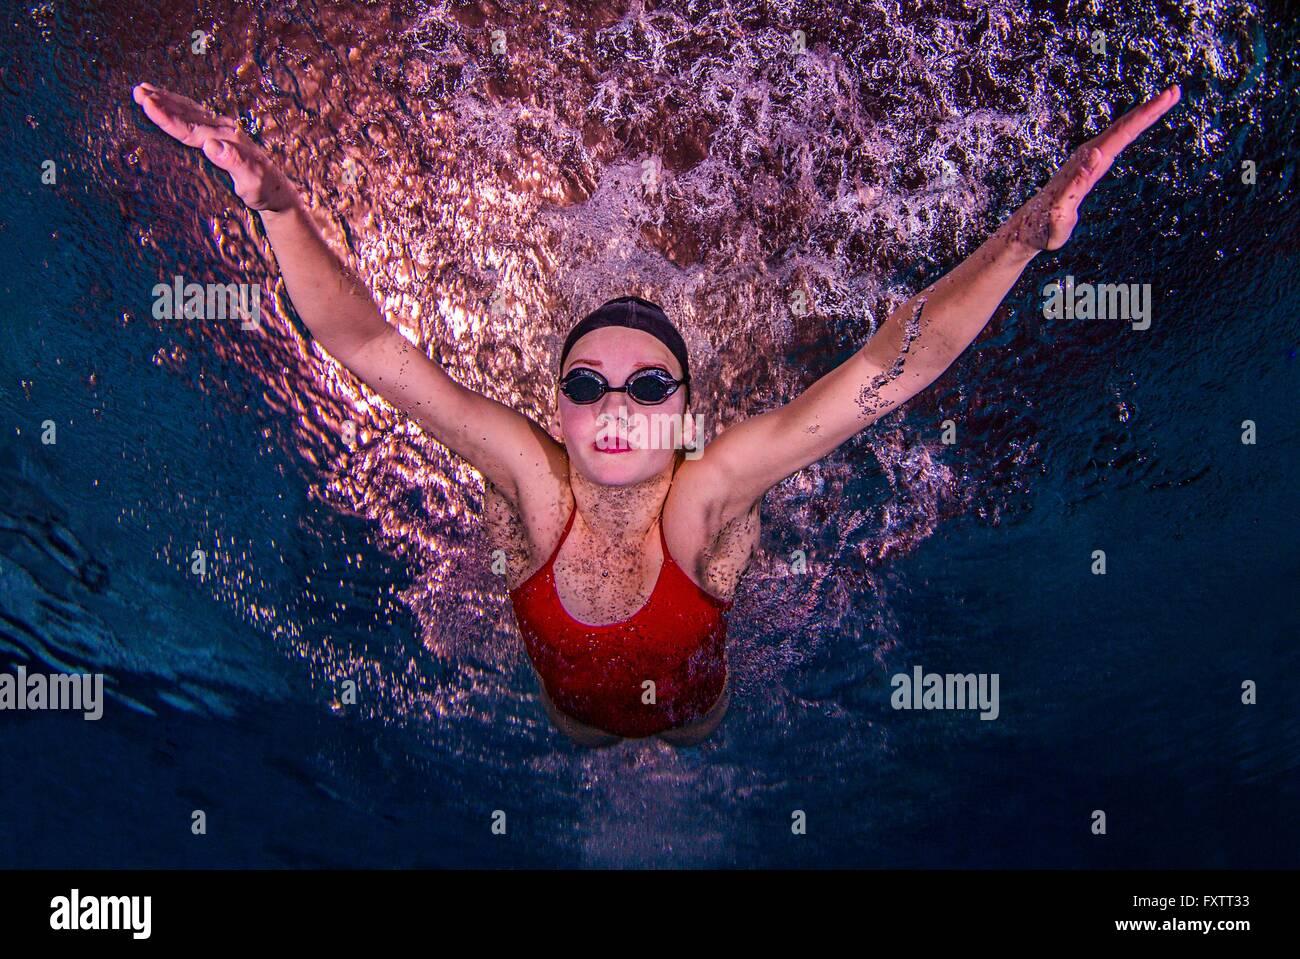 Junge Frau, die unter Wasser schwimmen Stockbild